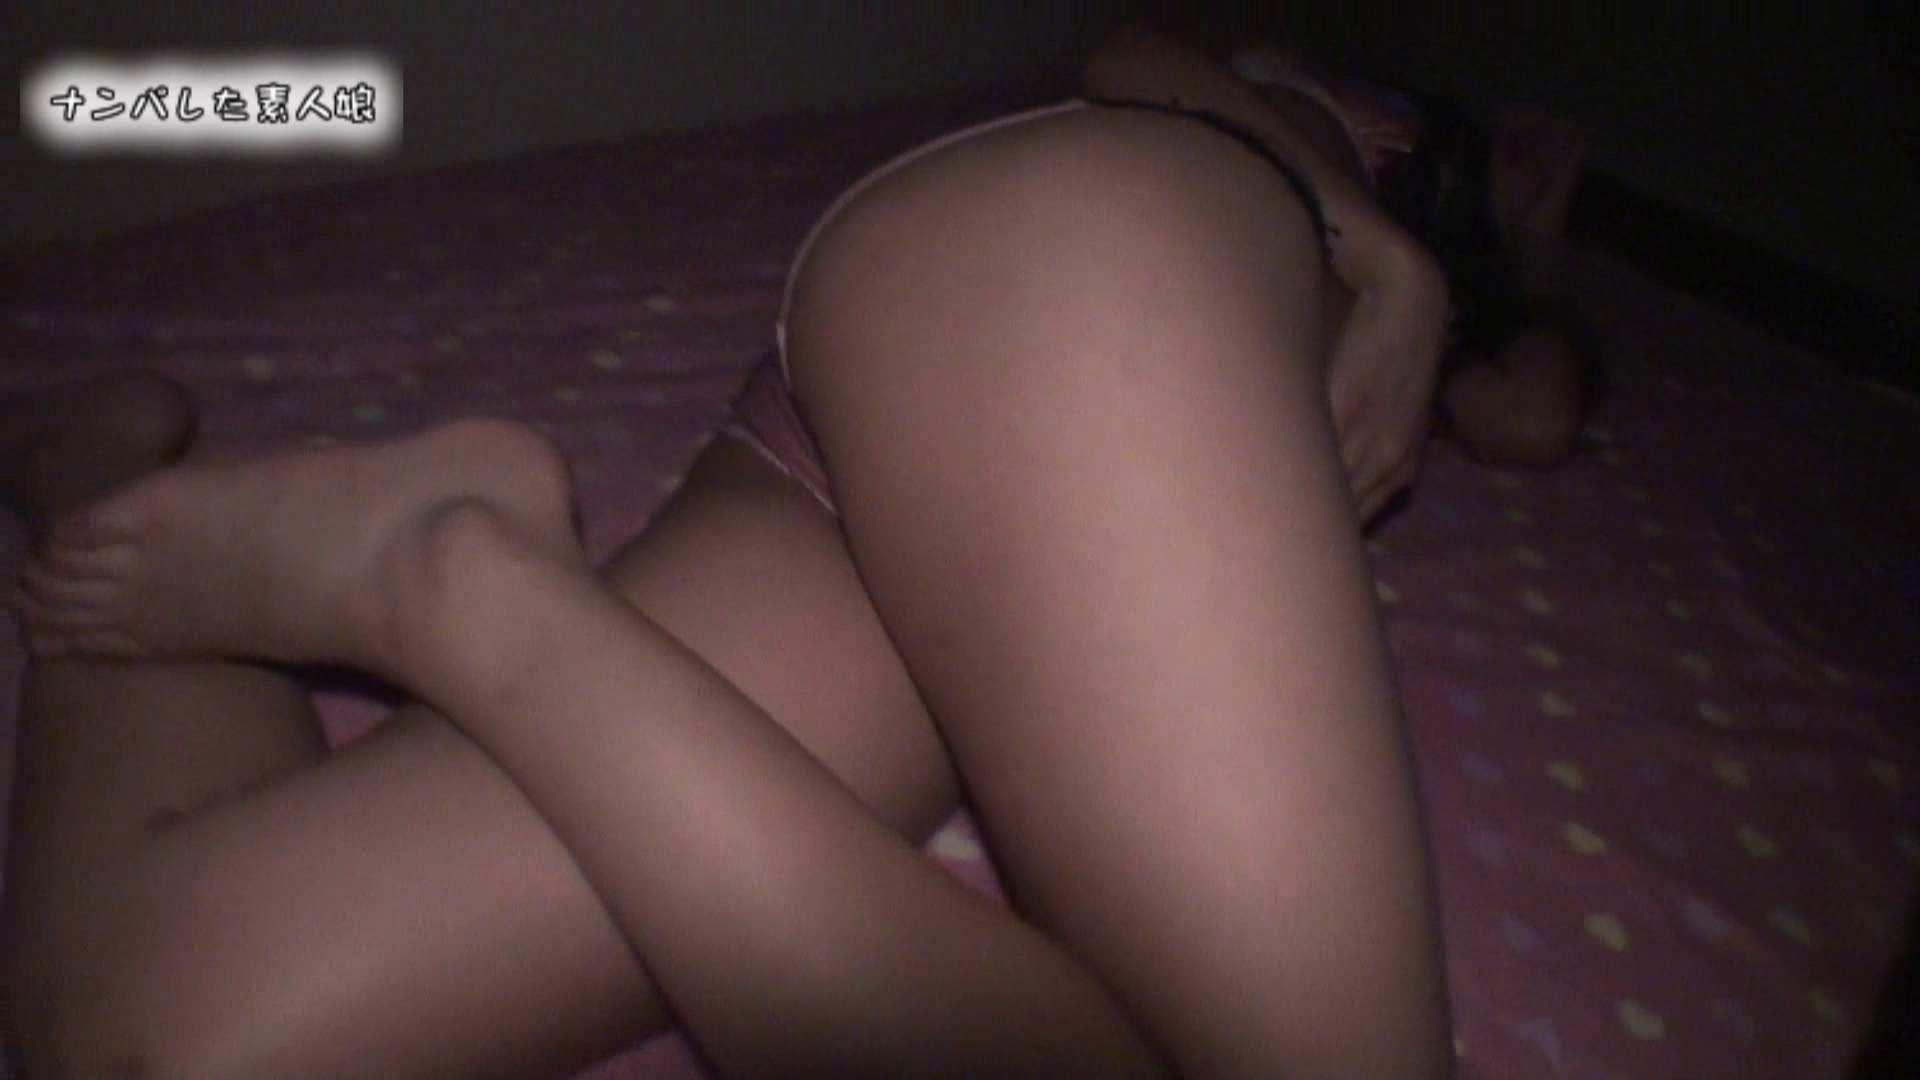 No.4のん19歳 のんちゃん以外と美巨乳でヘソピ付きです ナンパ | メーカー直接買い取り  76画像 8